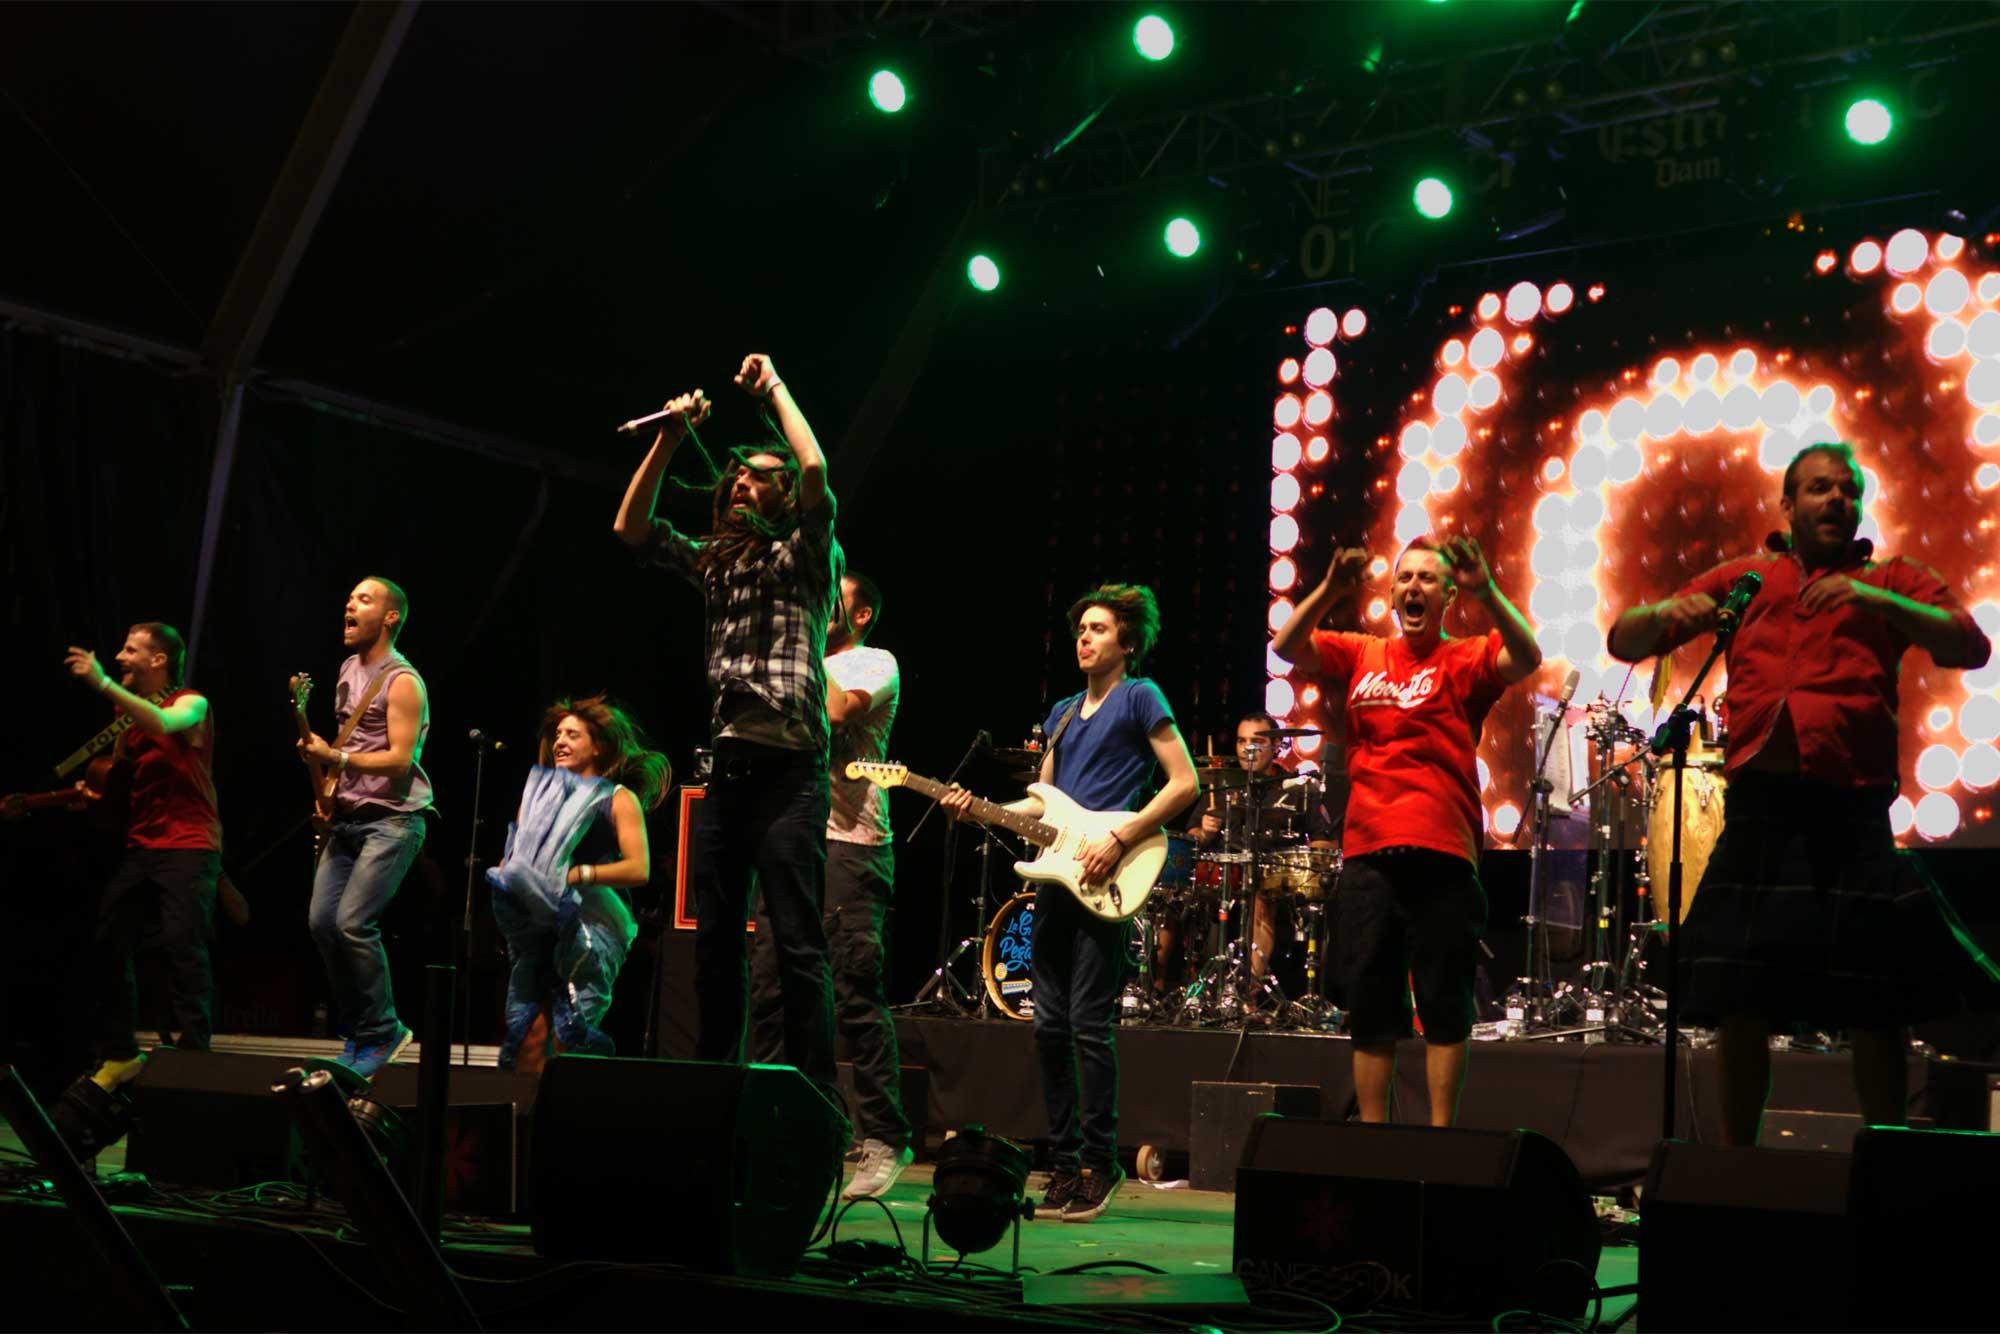 El grup La Gran Pegatina poques vegades ha deixat de saltar i moure's en la seva actuació al Canet Rock 2016.